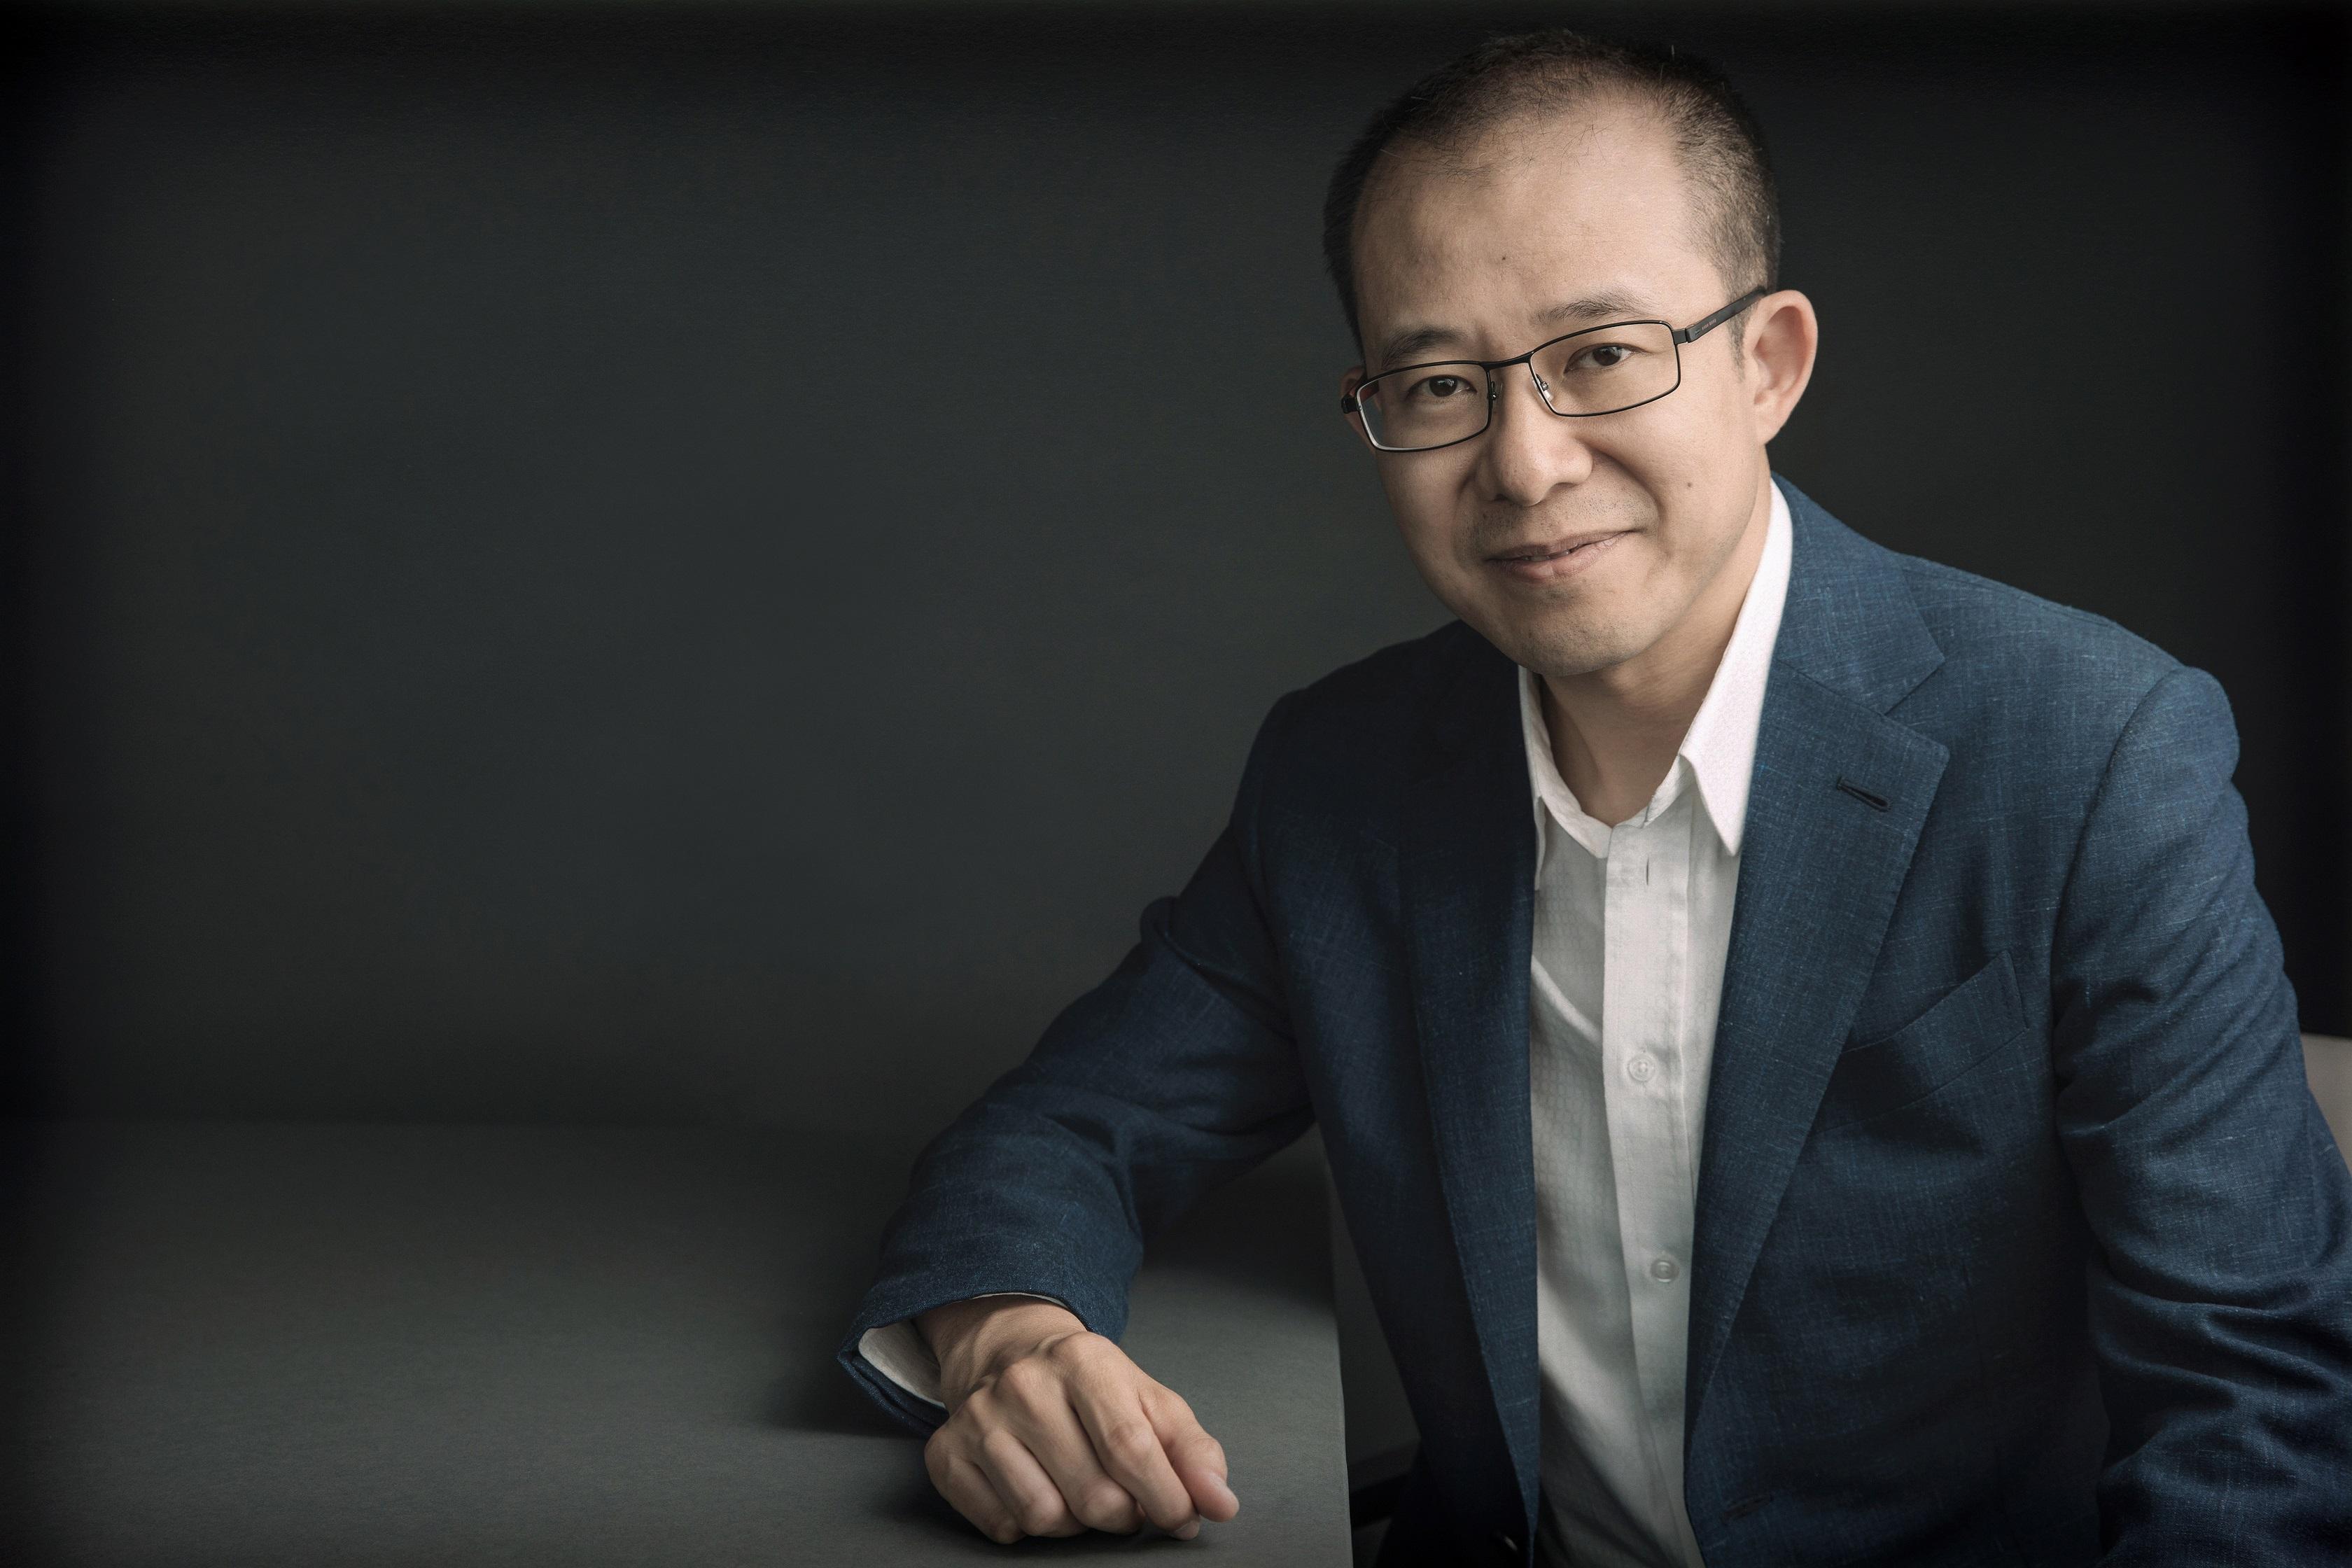 福布斯发布2018香港富豪榜 阿里腾讯高管上榜